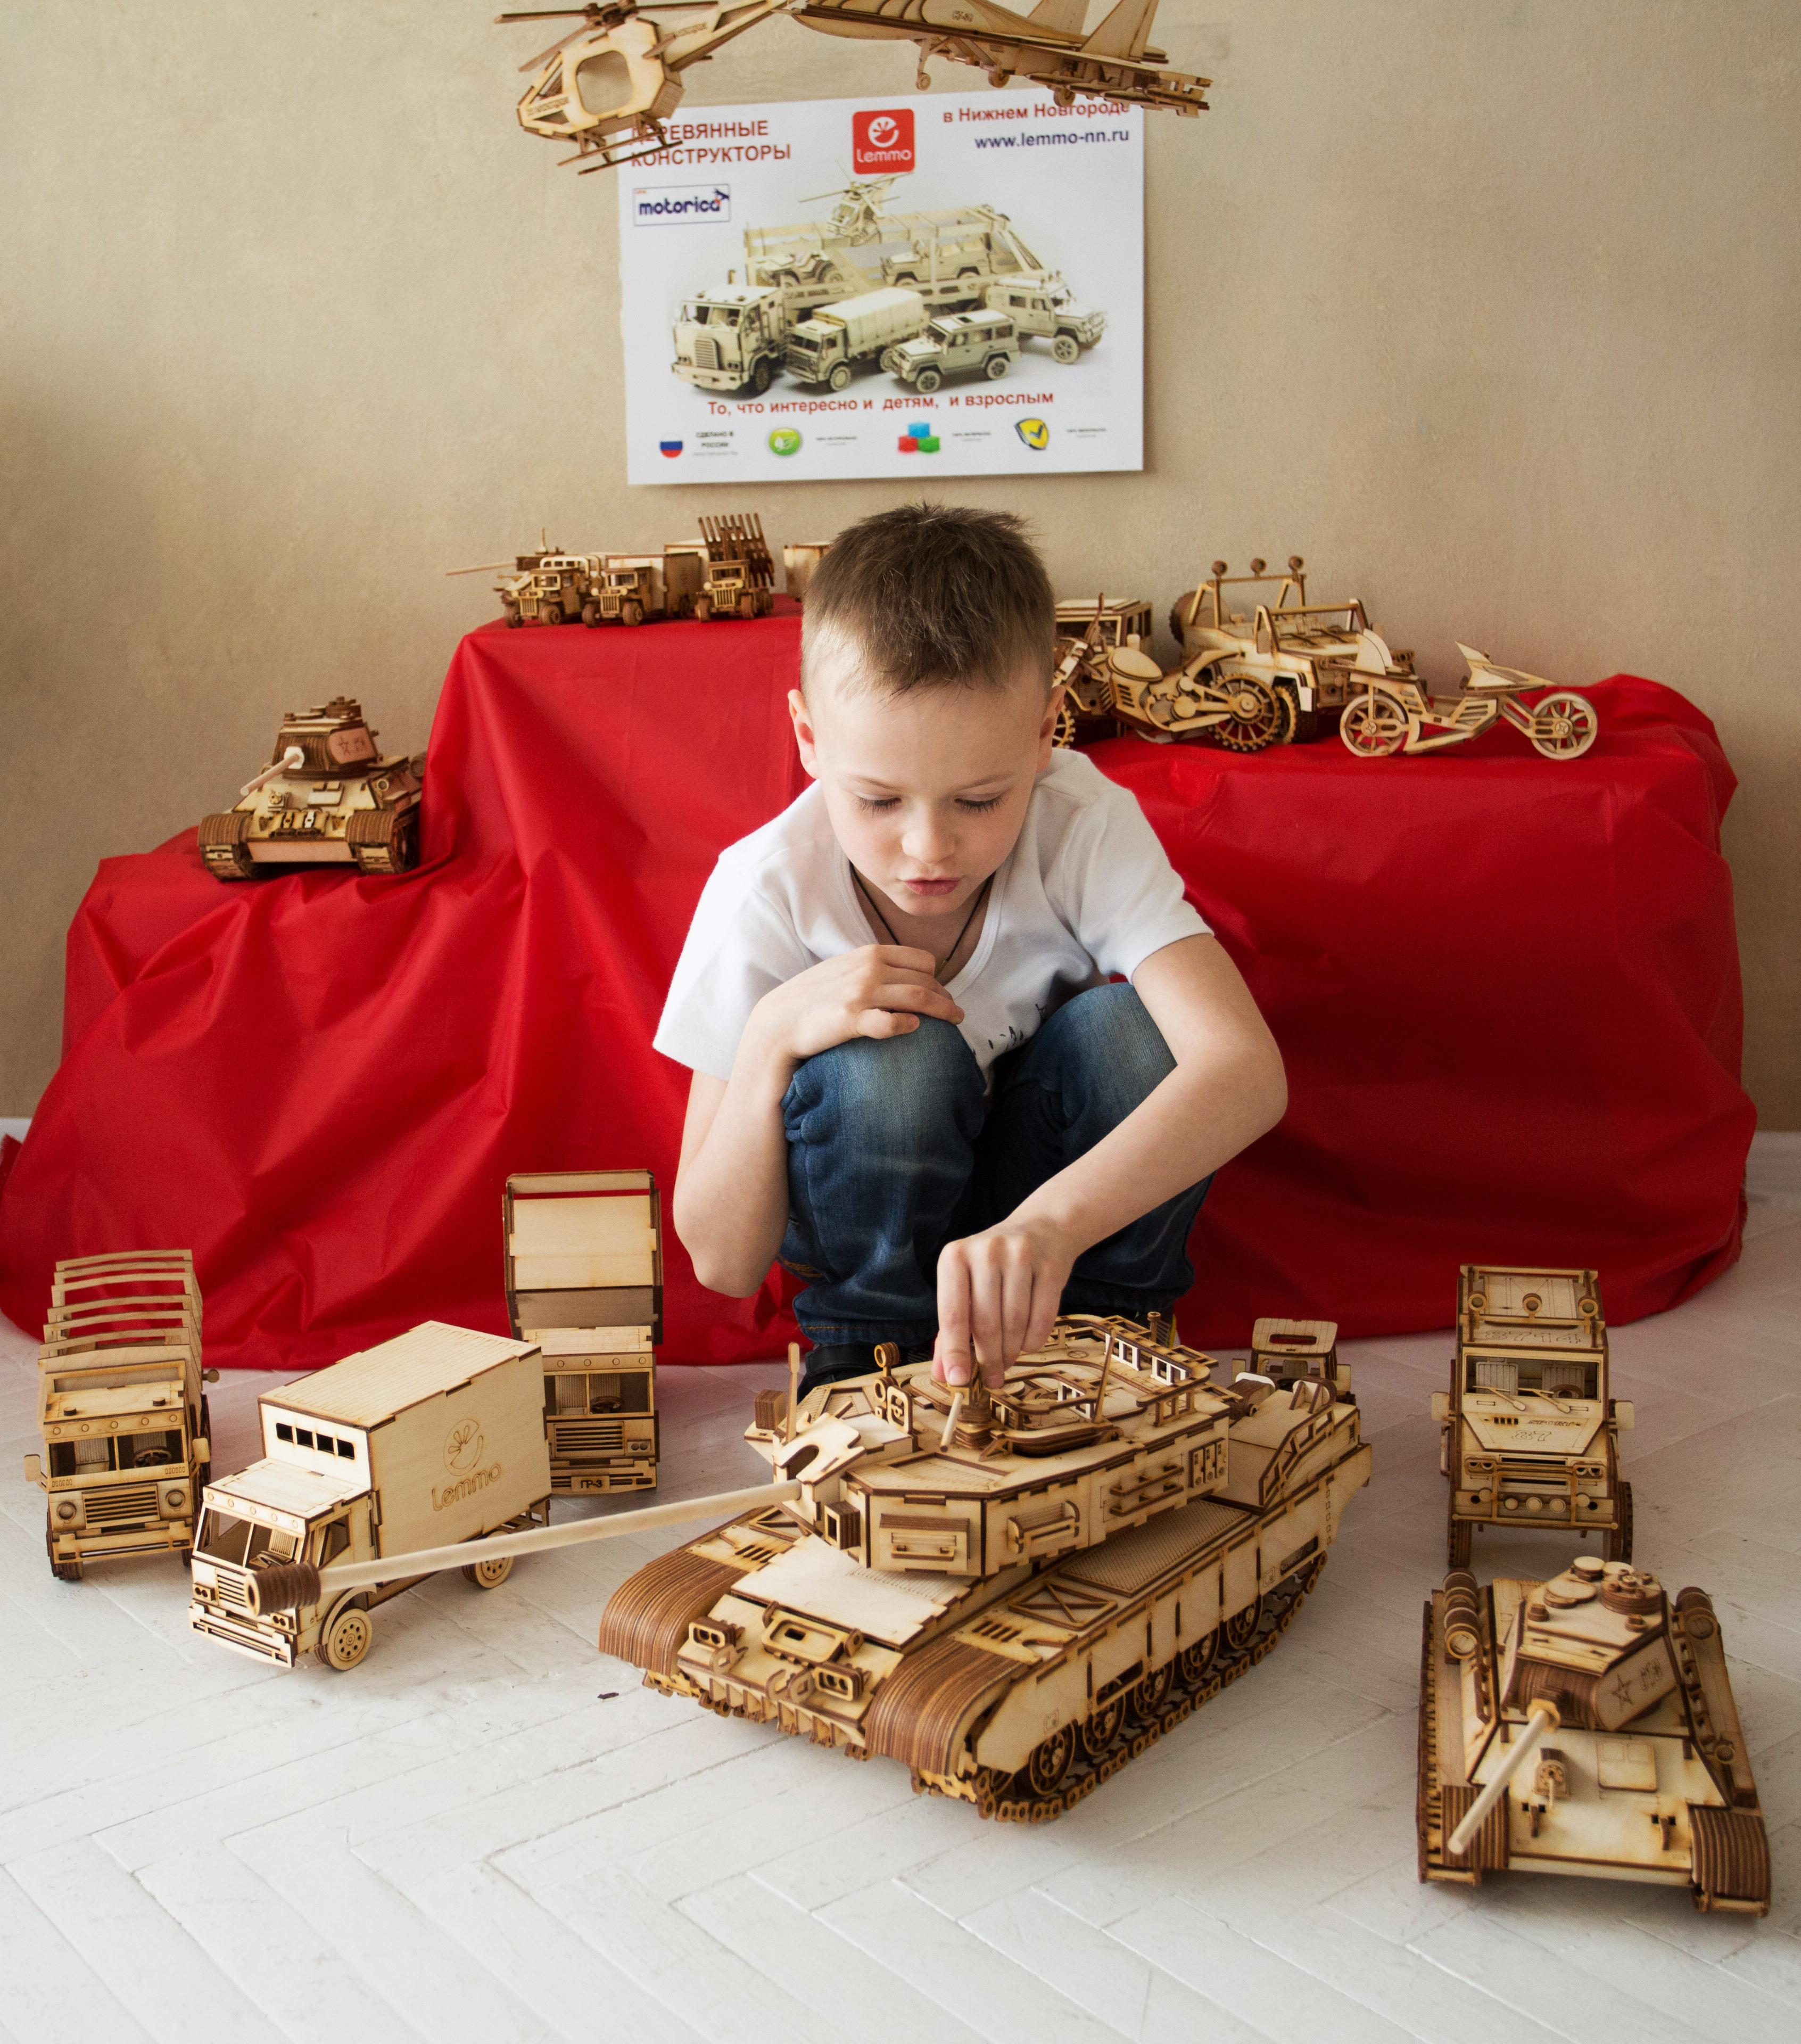 Леммо-2. Деревянный 3D- конструктор. То, что интересно и детям, и взрослым